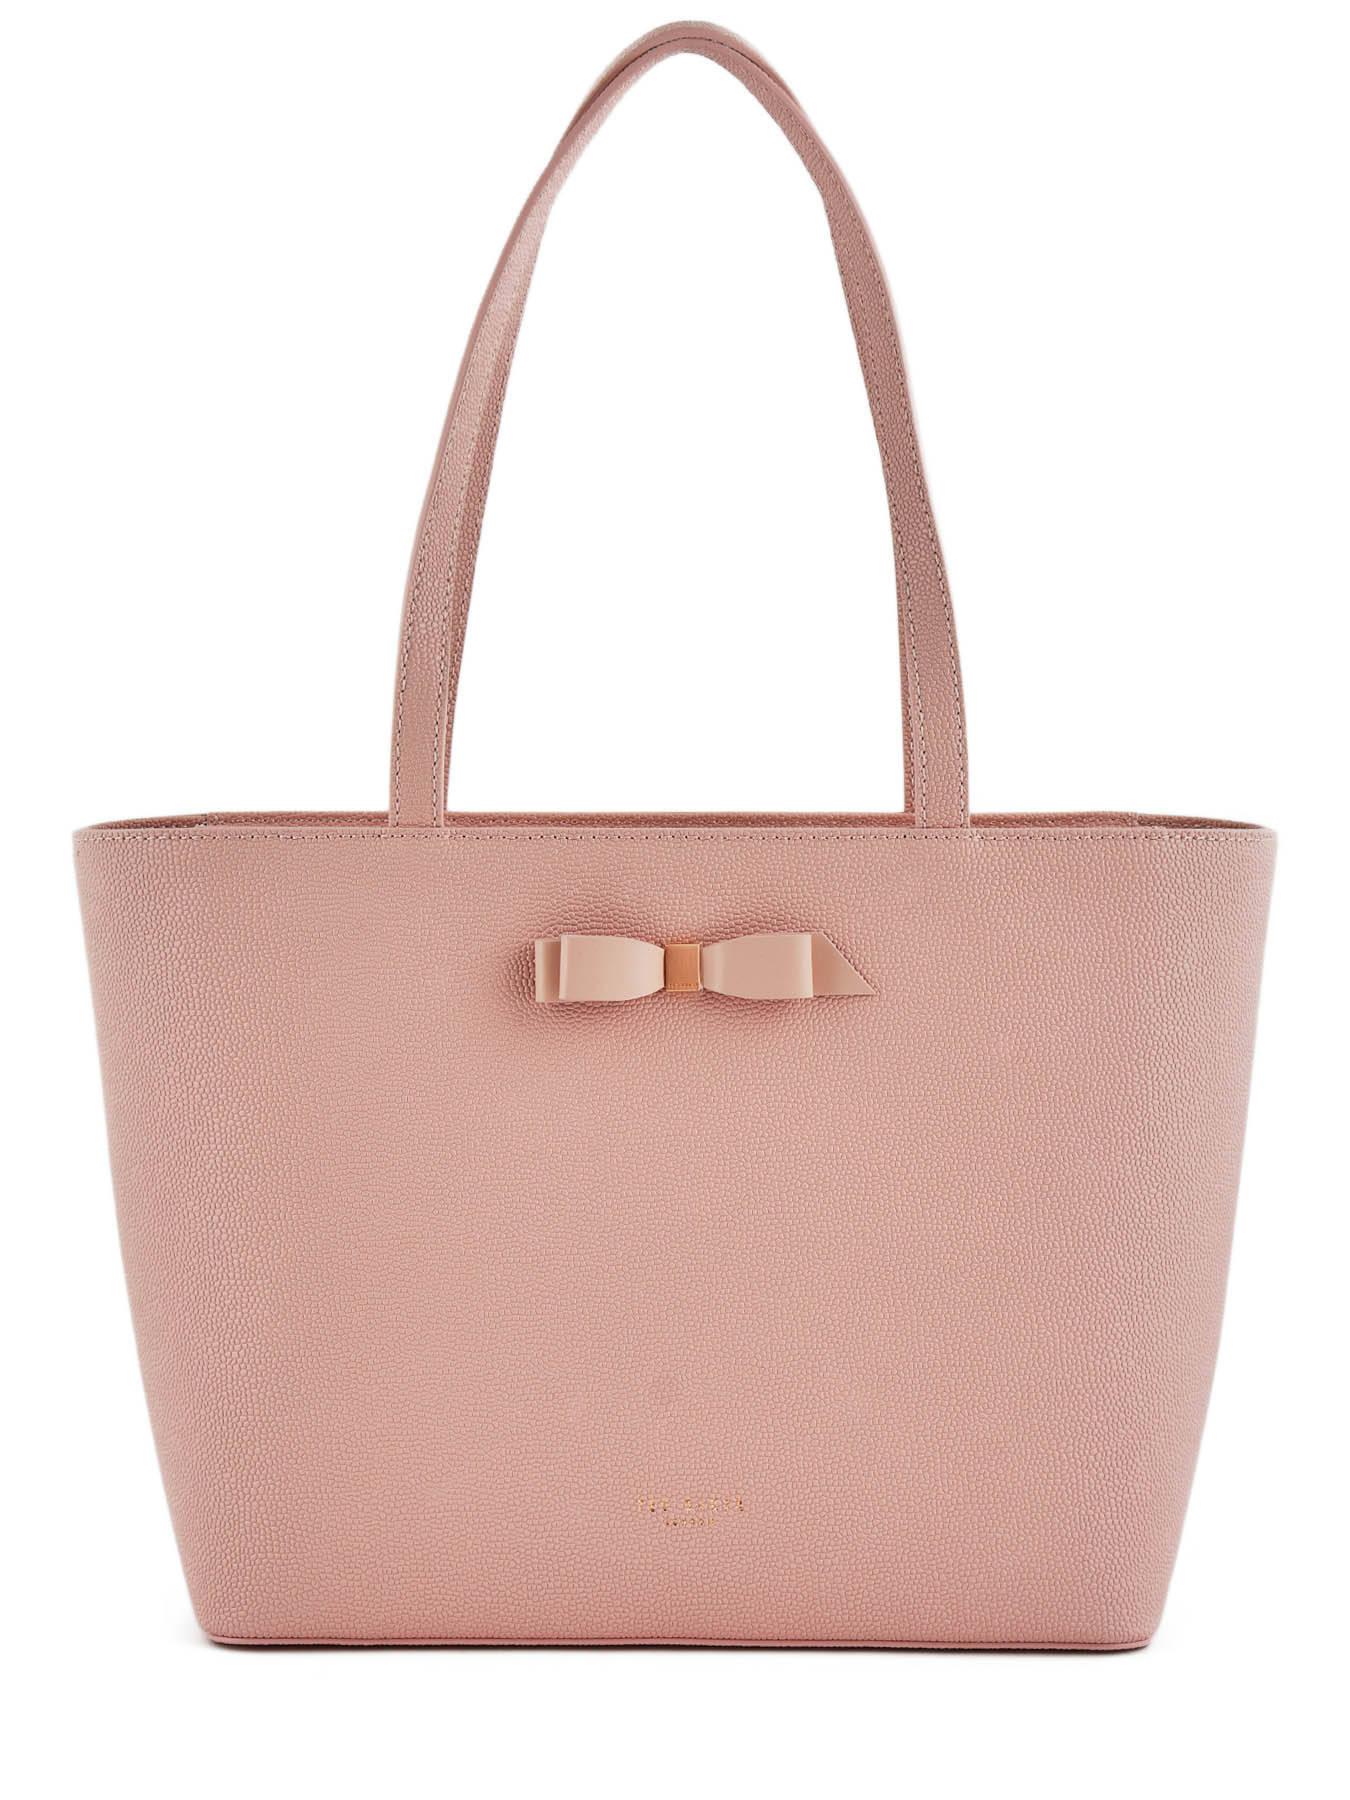 24a36a312 ... Shoulder Bag Bow Detail Ted baker Black bow detail JJESICA ...